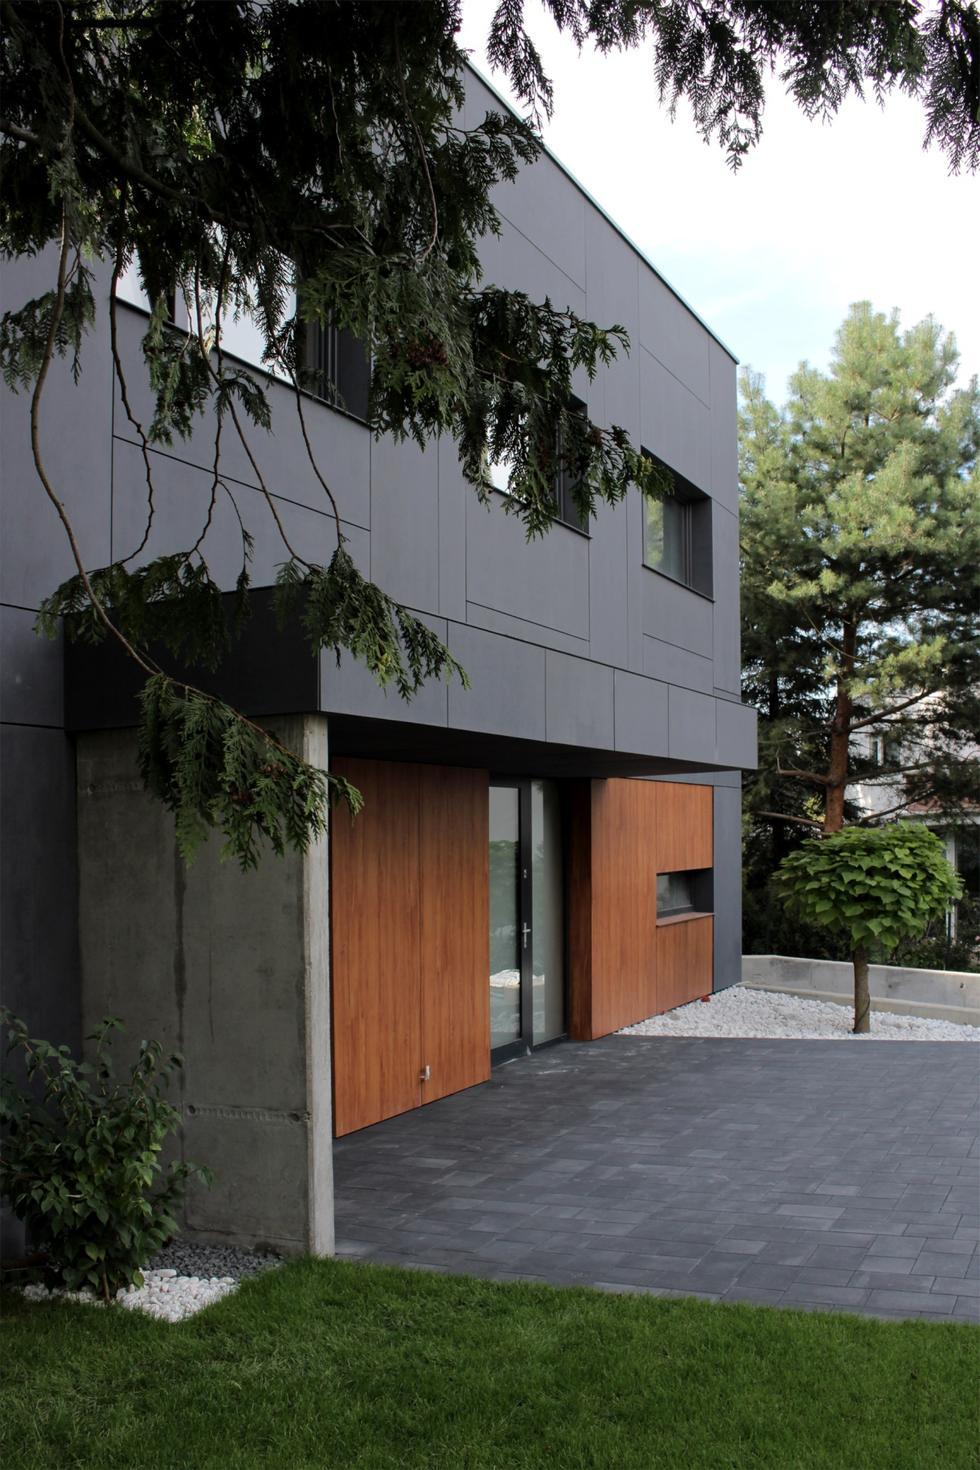 Dom jednorodzinny w Gdyni projektu Easst.com